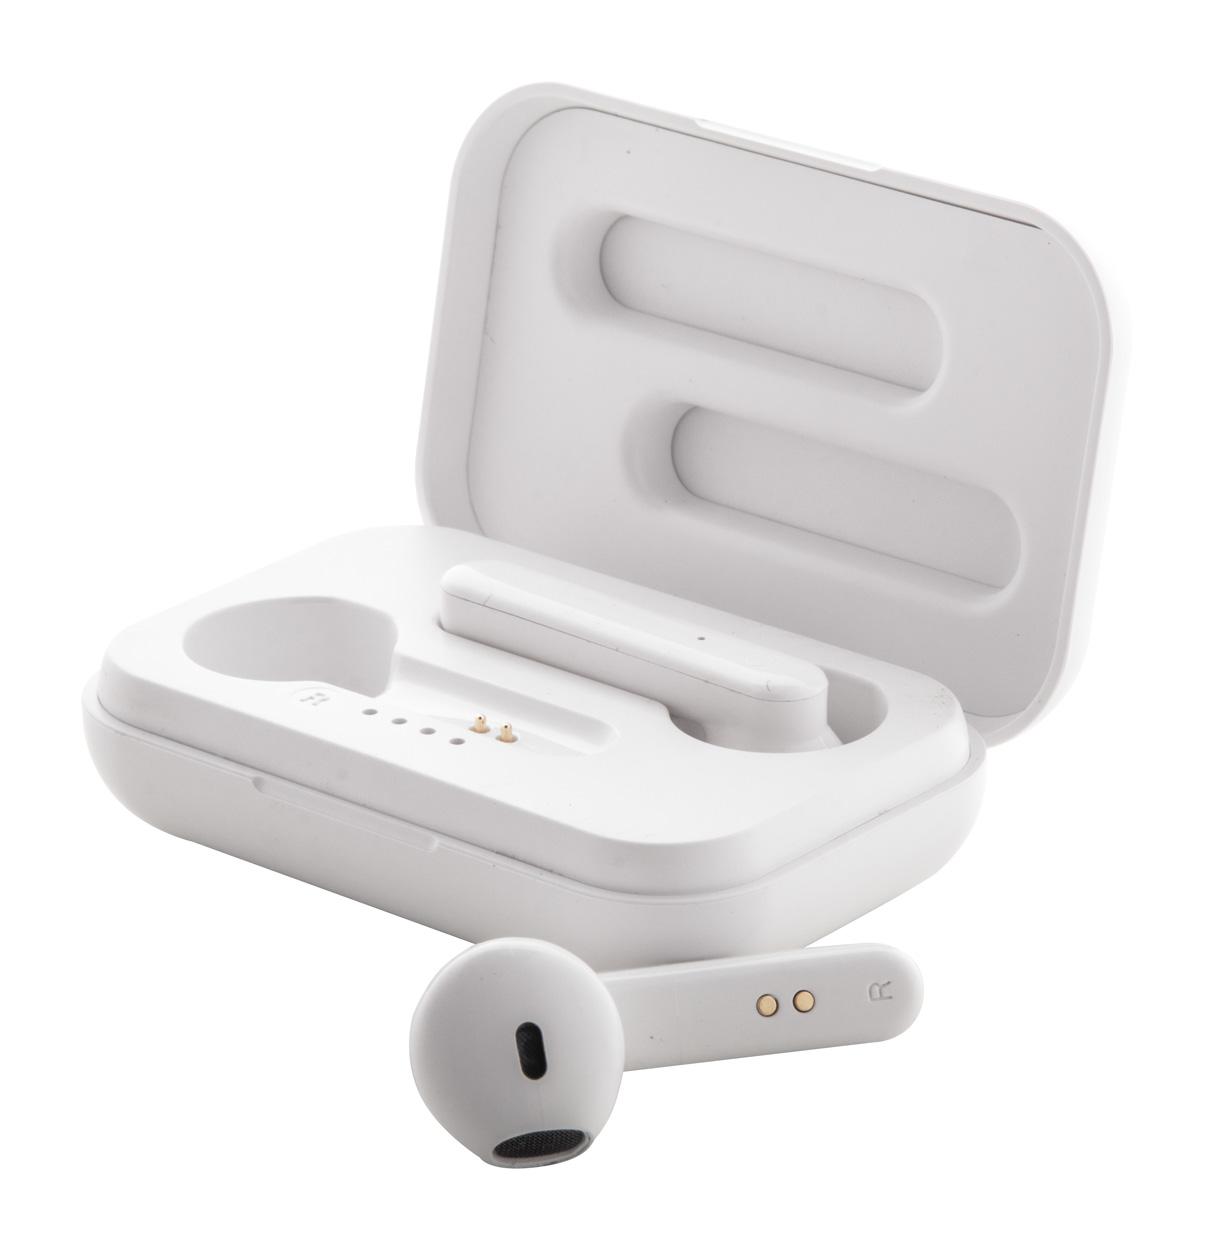 Kikey anti-bacterial bluetooth earphones